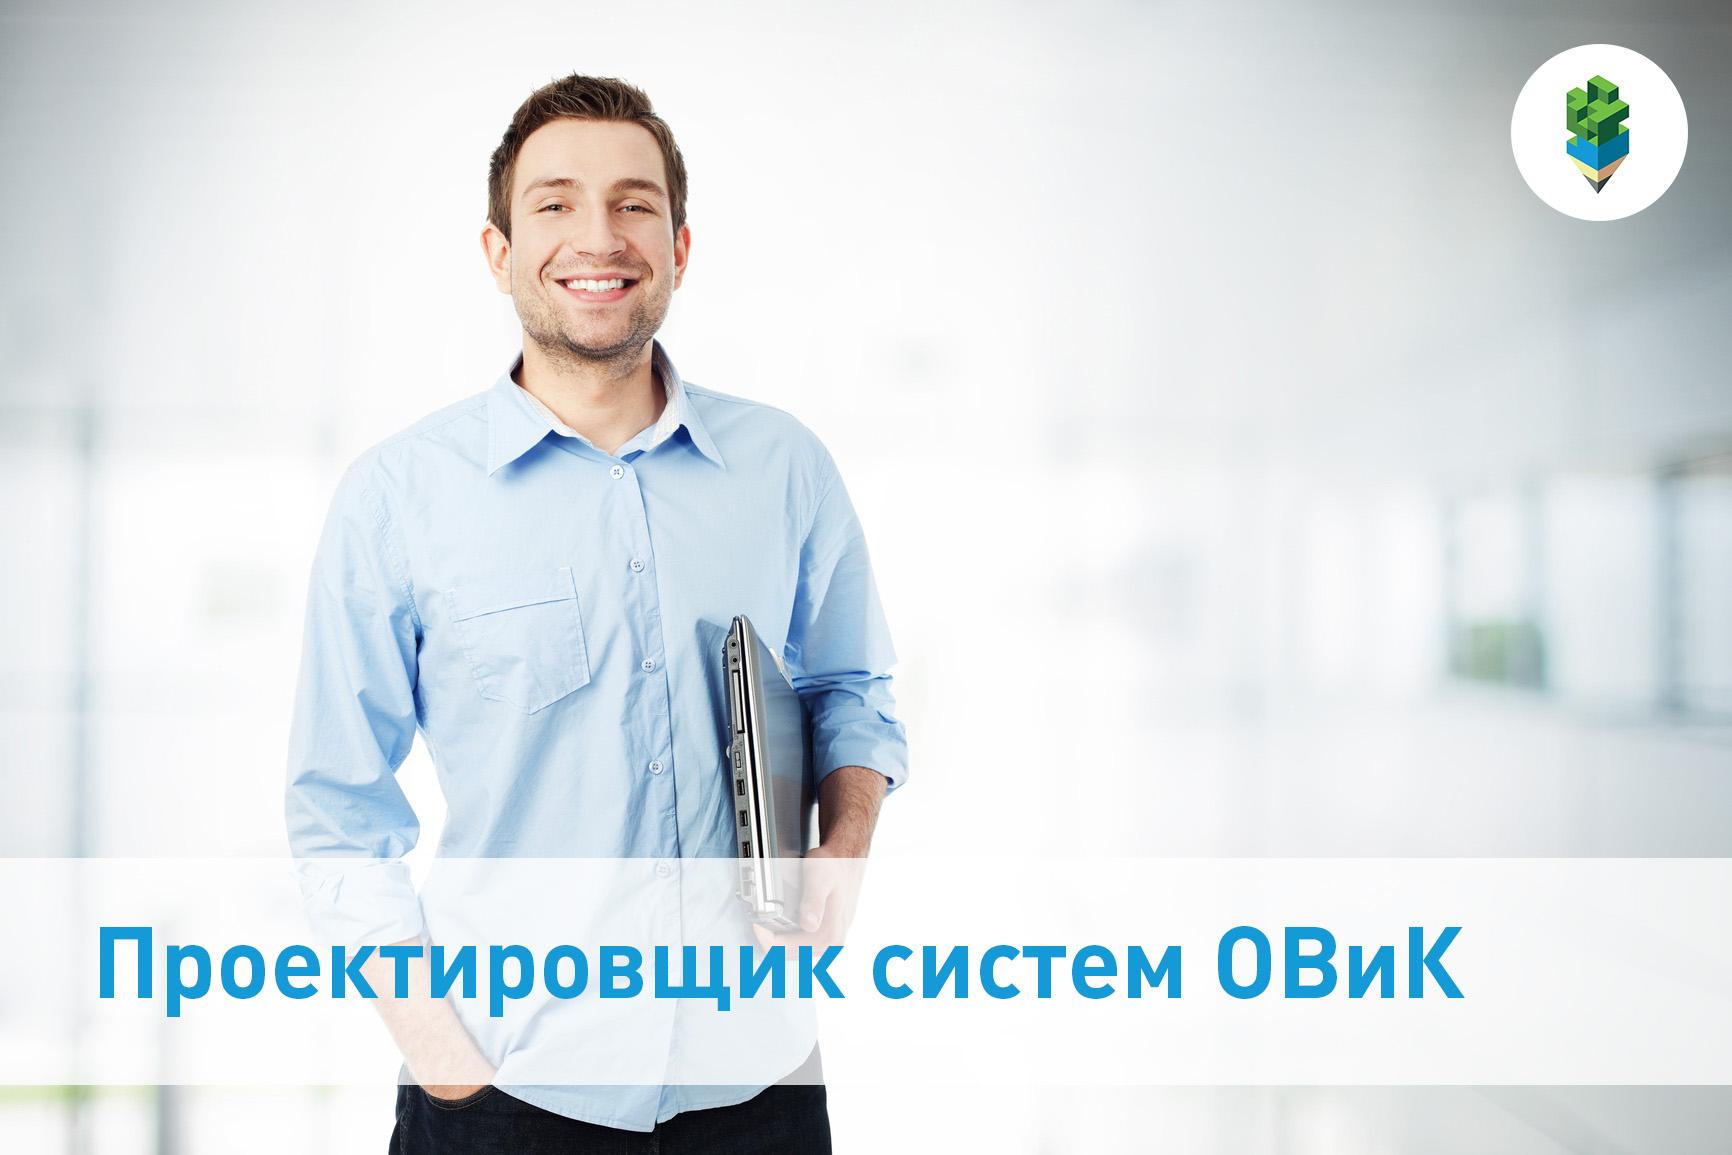 ВАКАНСИЯ: Проектировщик систем ОВиК